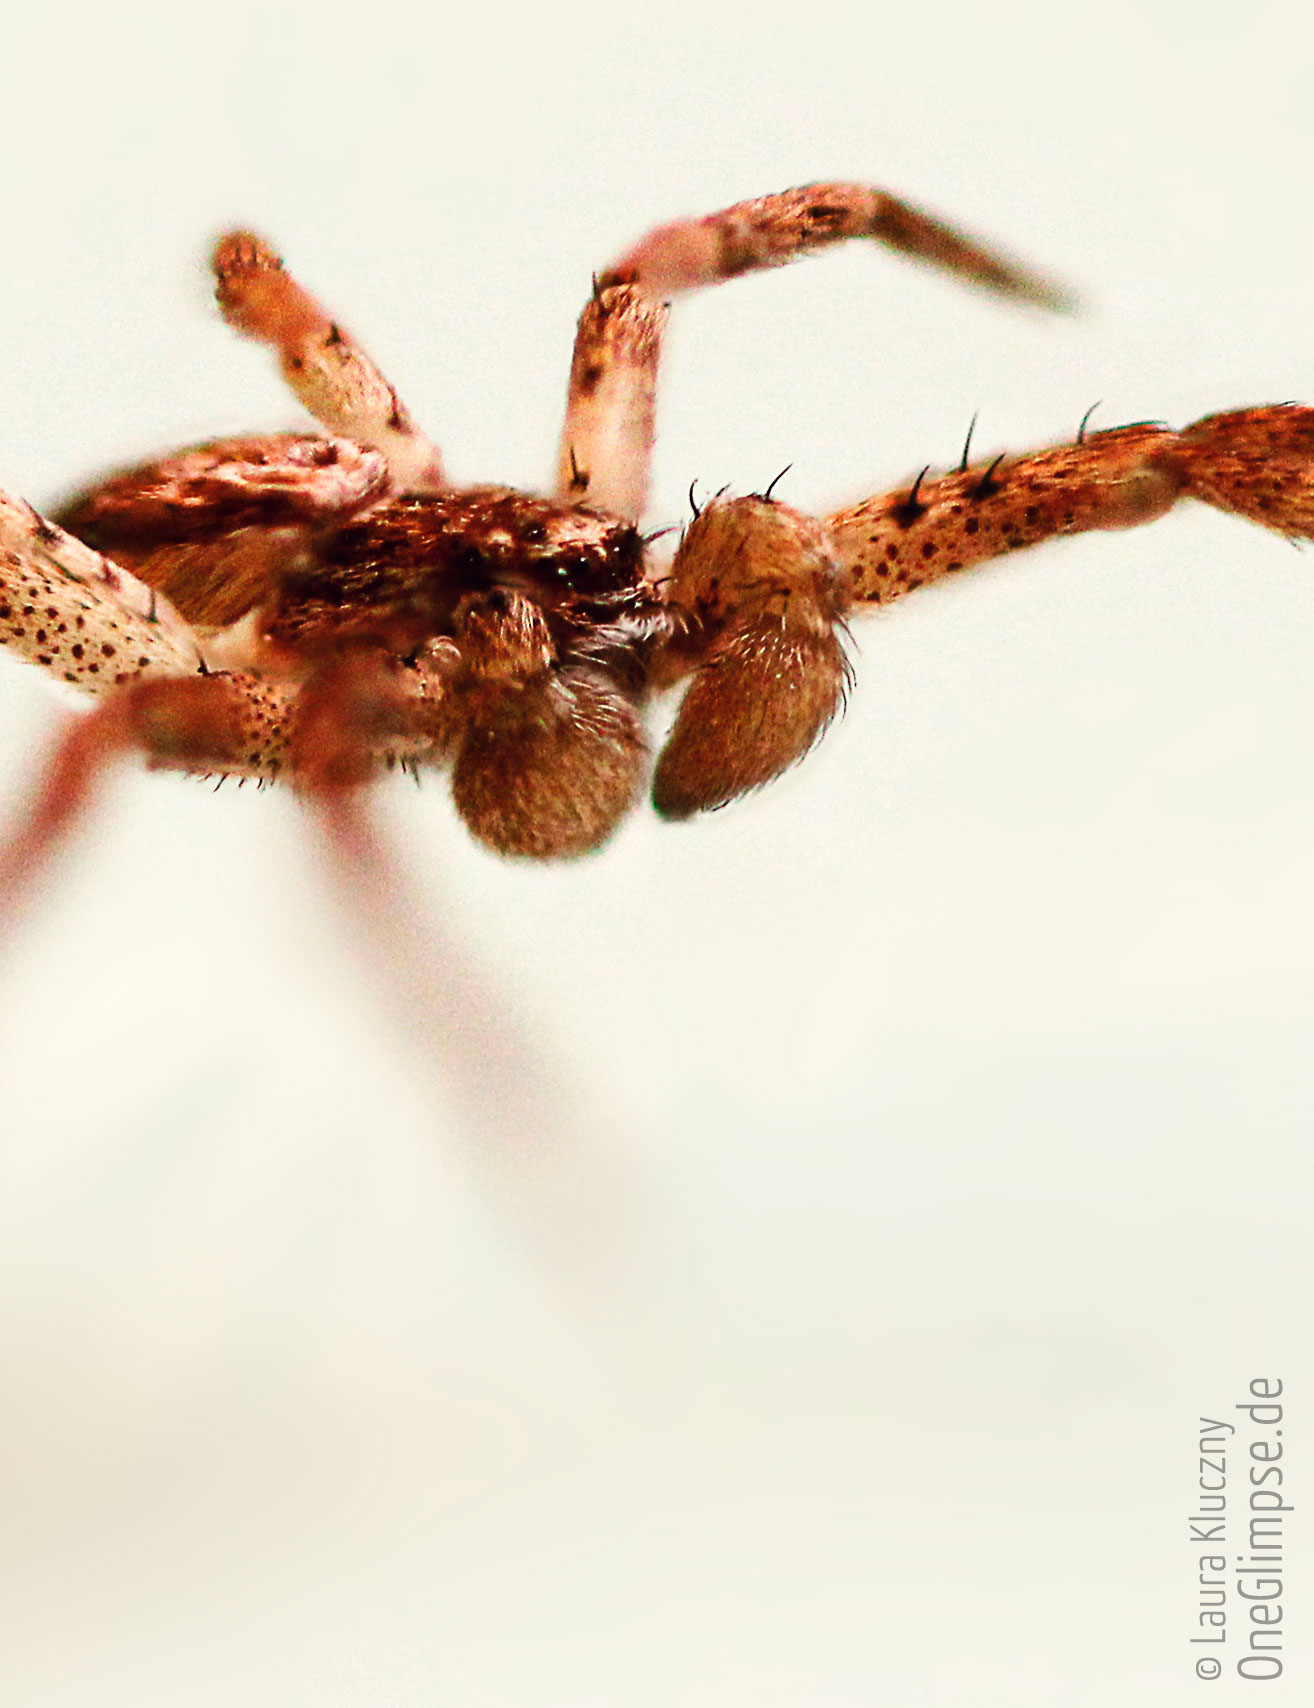 Focus Stacking: Spinne. Fertiges Bild, Zusammensetzung aus vielen Einzelbildern